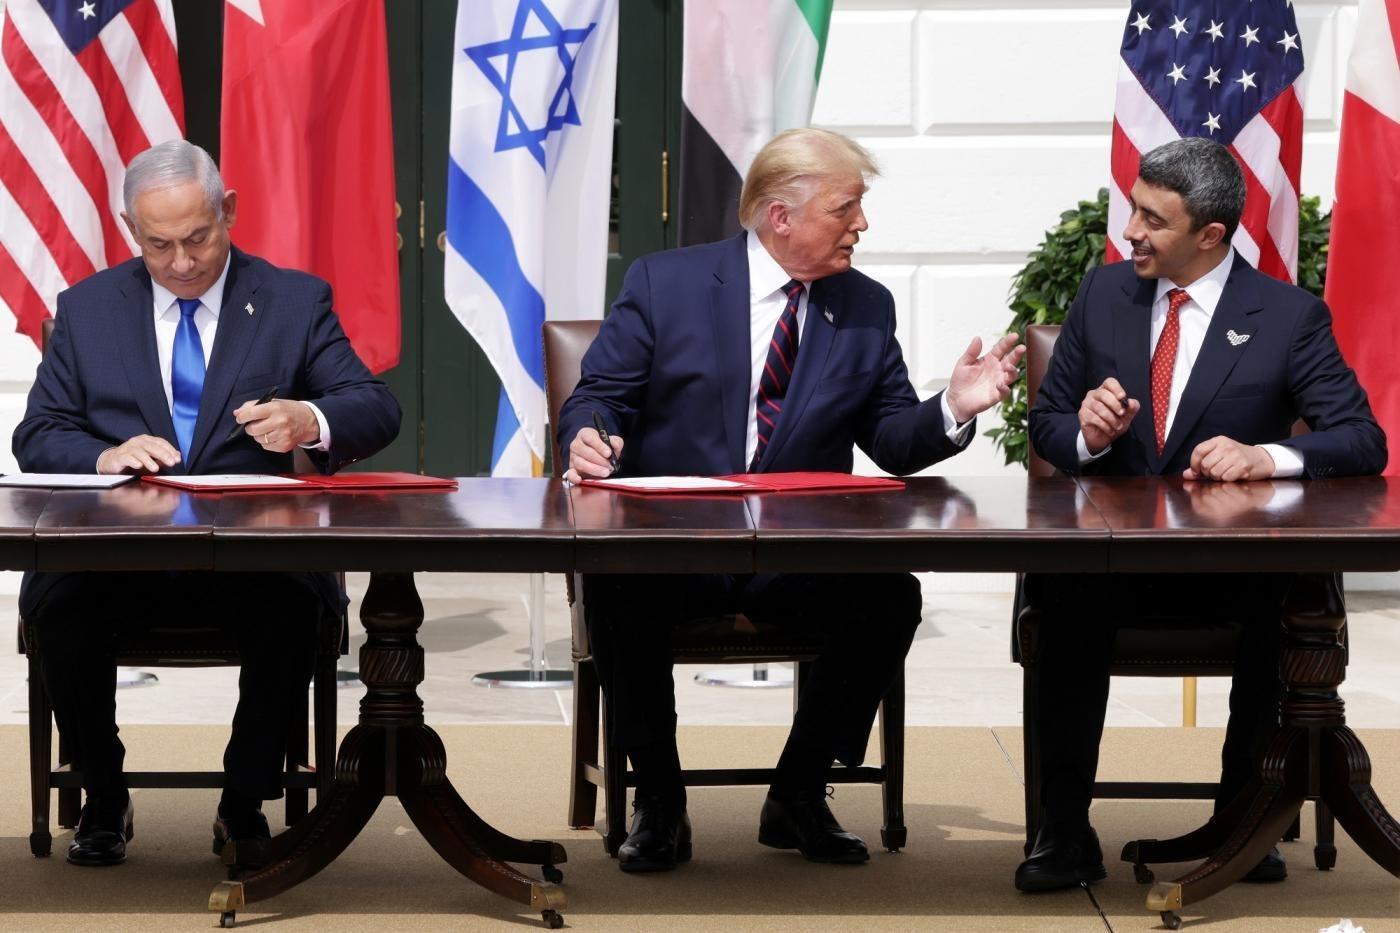 خلال مراسم توقيع اتفاقية التطبيع الإماراتي الإسرائيلي في البيت الأبيض في أيلول/ سبتمبر 2020 (أ ف ب)